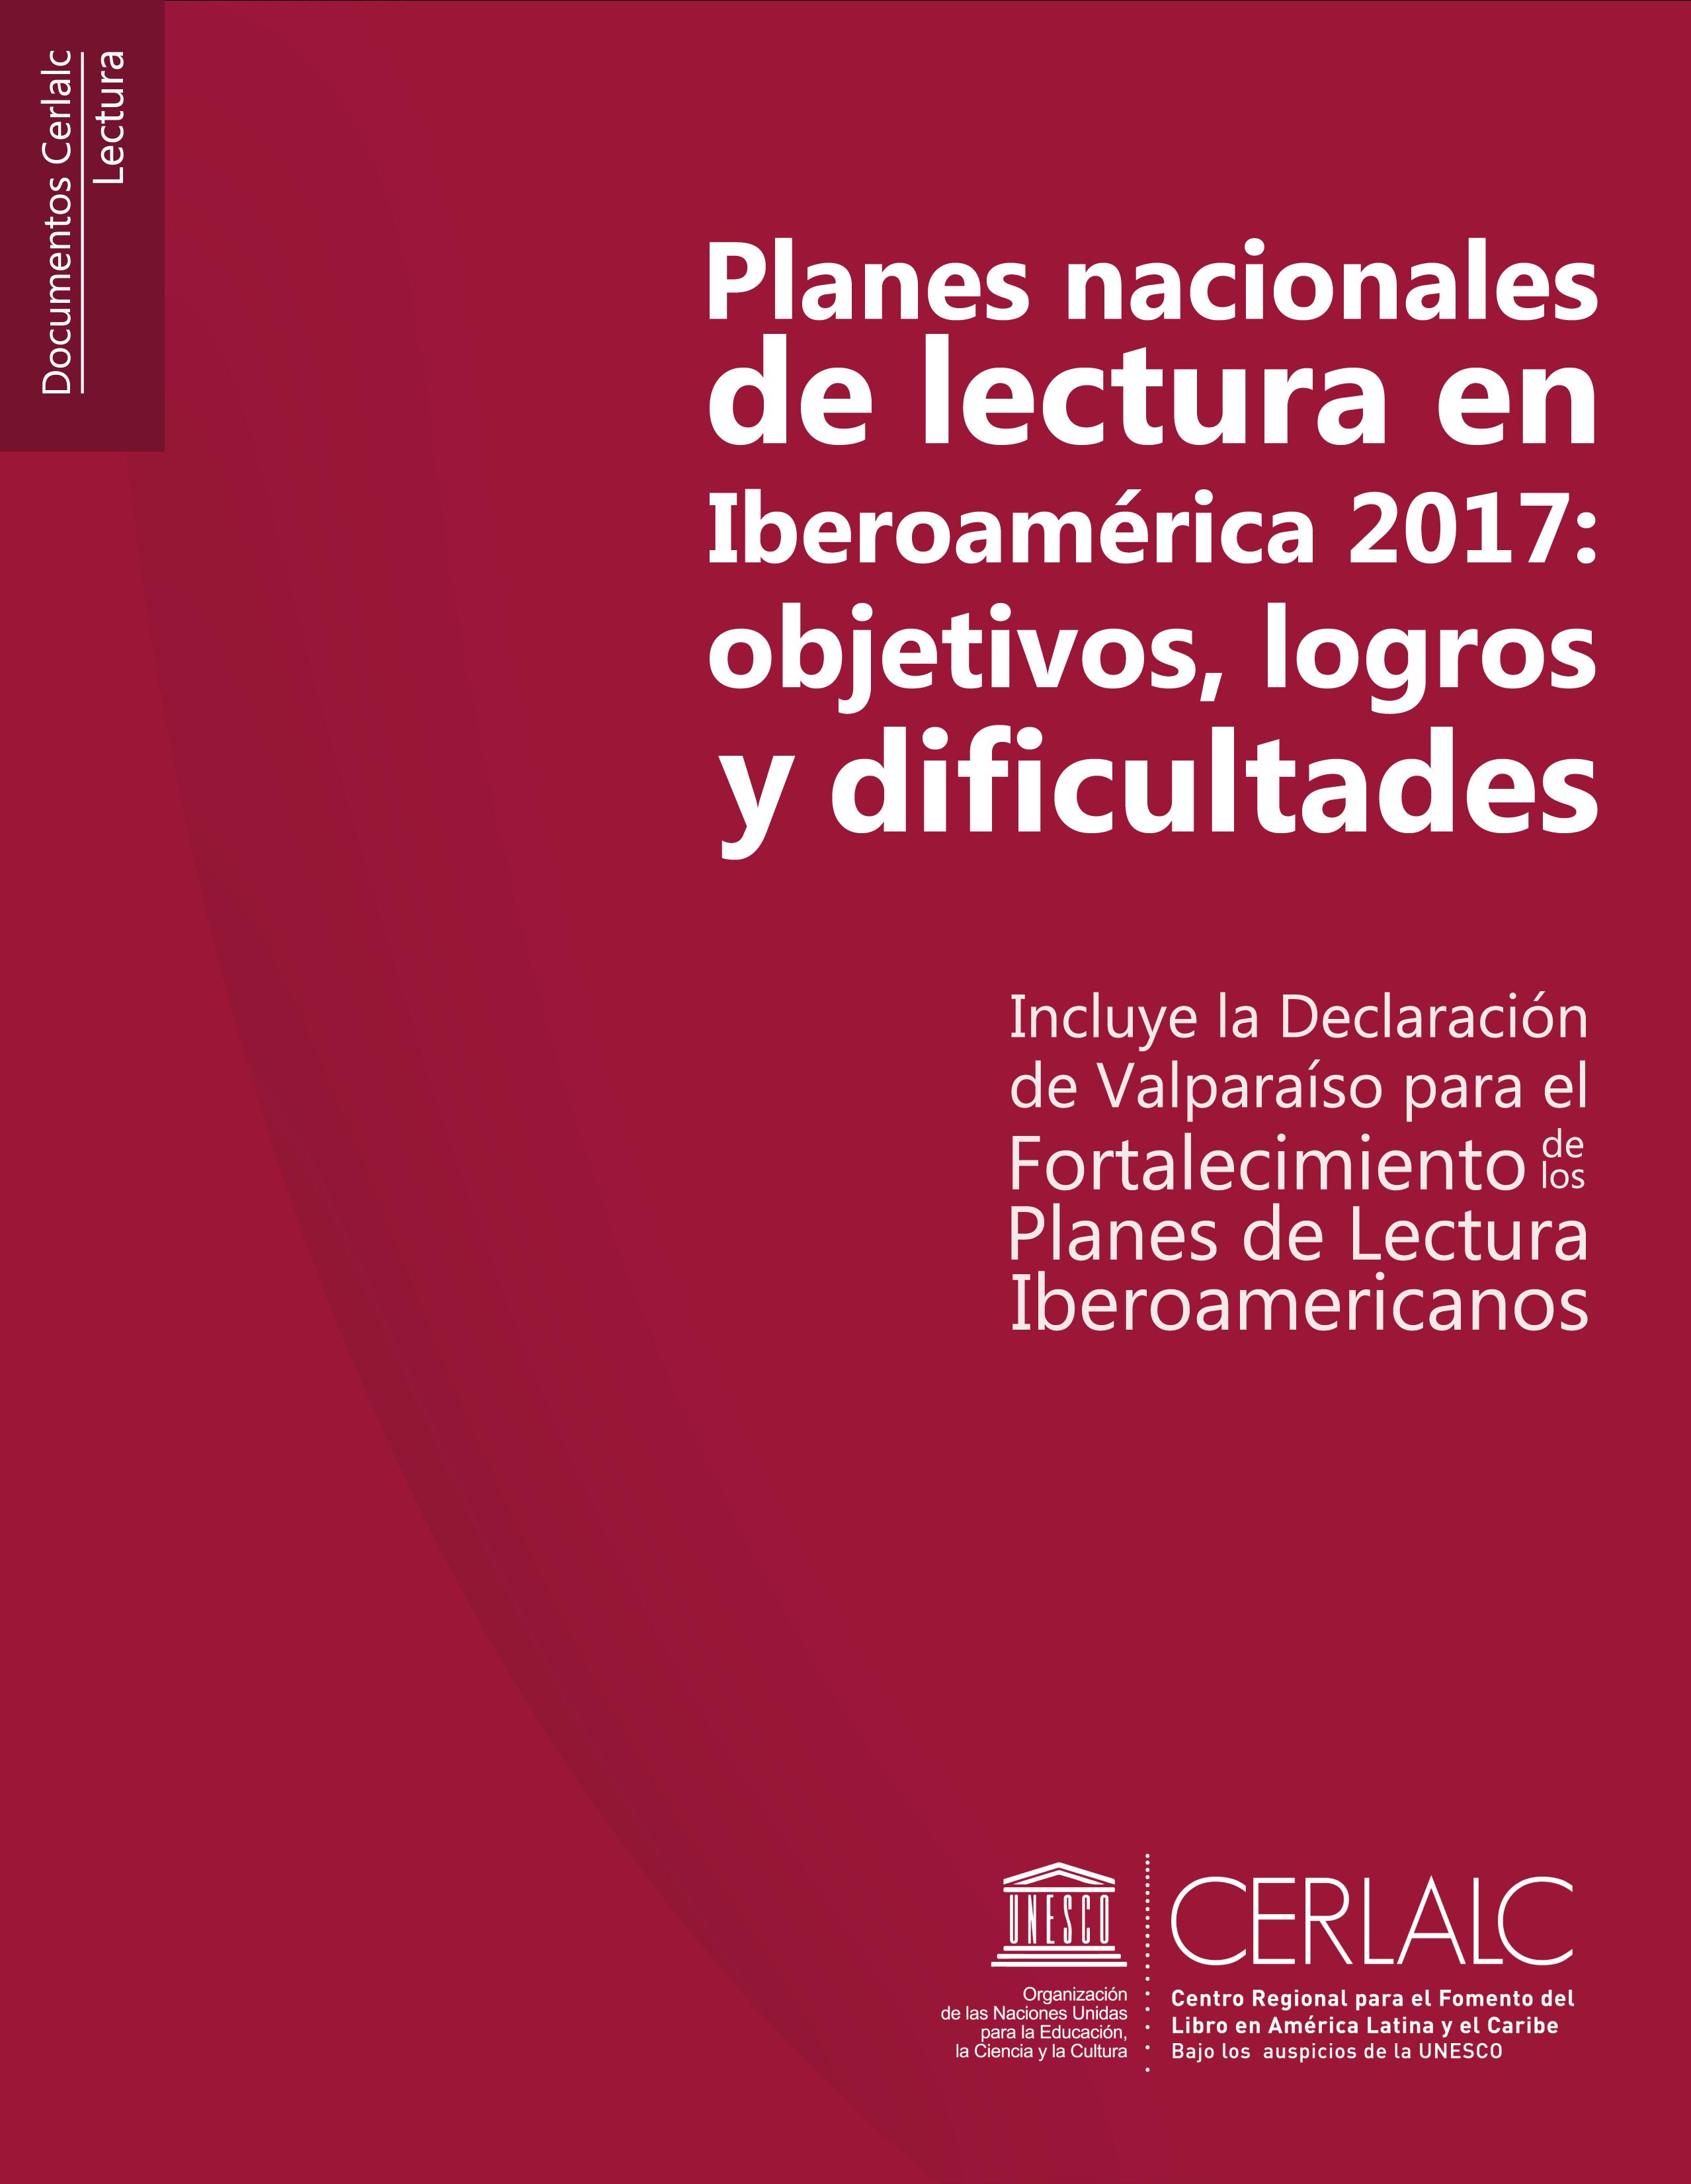 Planes nacionales de lectura en Iberoamérica 2017: objetivos, logros y dificultades